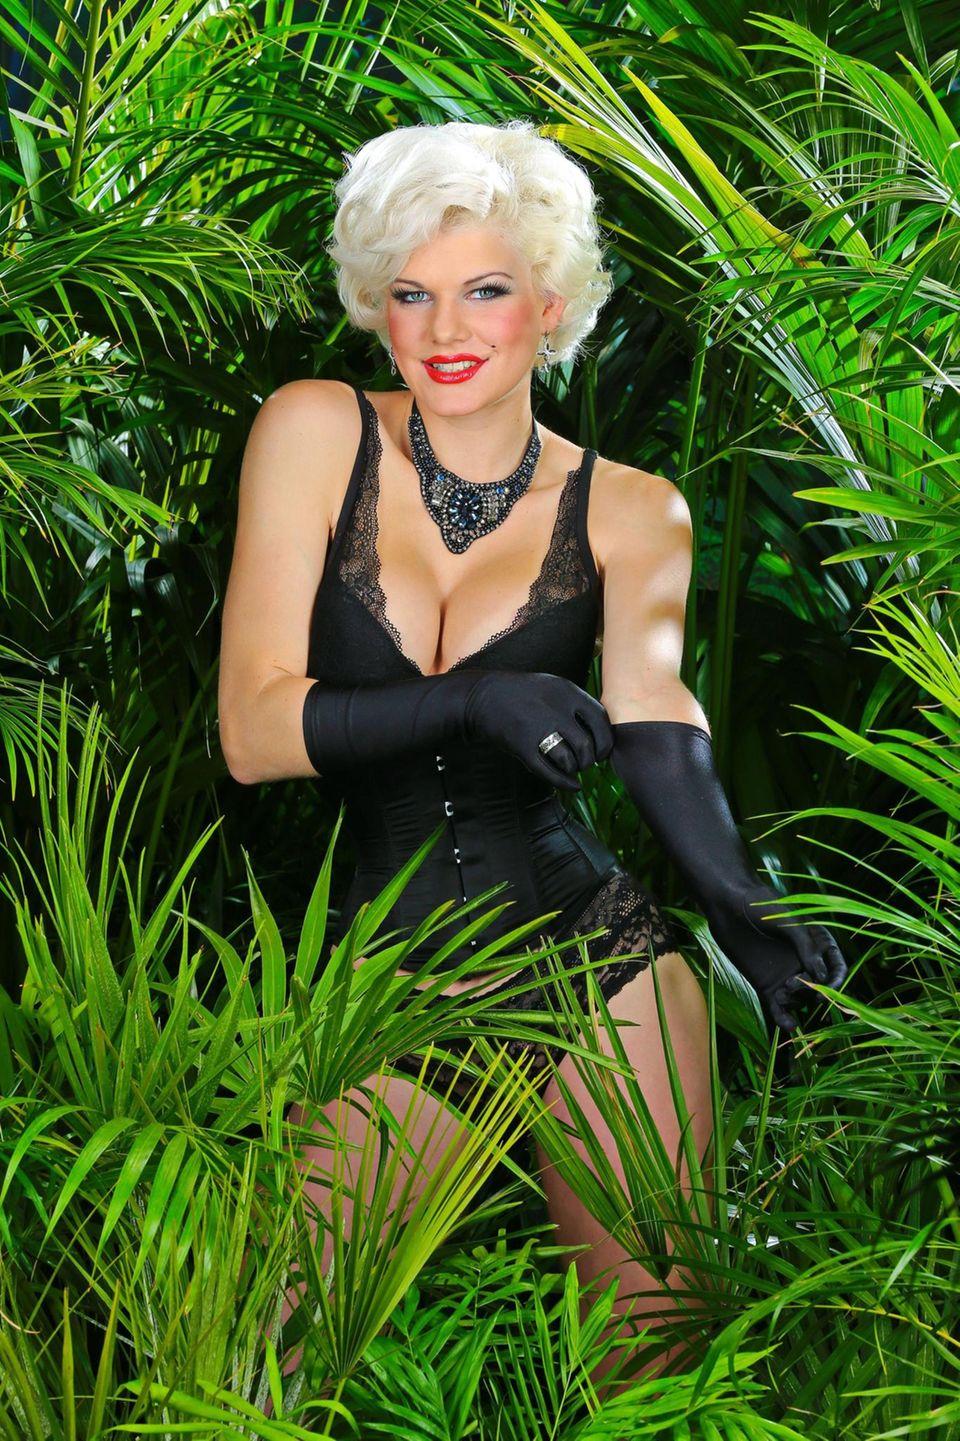 """Für den nötigen Sexappeal sorgt in diesem Jahr Bachelor-Kandidatin Melanie Müller: """"Natürlich gehe ich ungern im Bikini baden, es ist ja schließlich sehr heiß im Dschungel.""""    Alle Infos zu """"Ich bin ein Star - Holt mich hier raus!"""" im Special bei RTL.de: http://www.rtl.de/cms/sendungen/ich-bin-ein-star.html"""